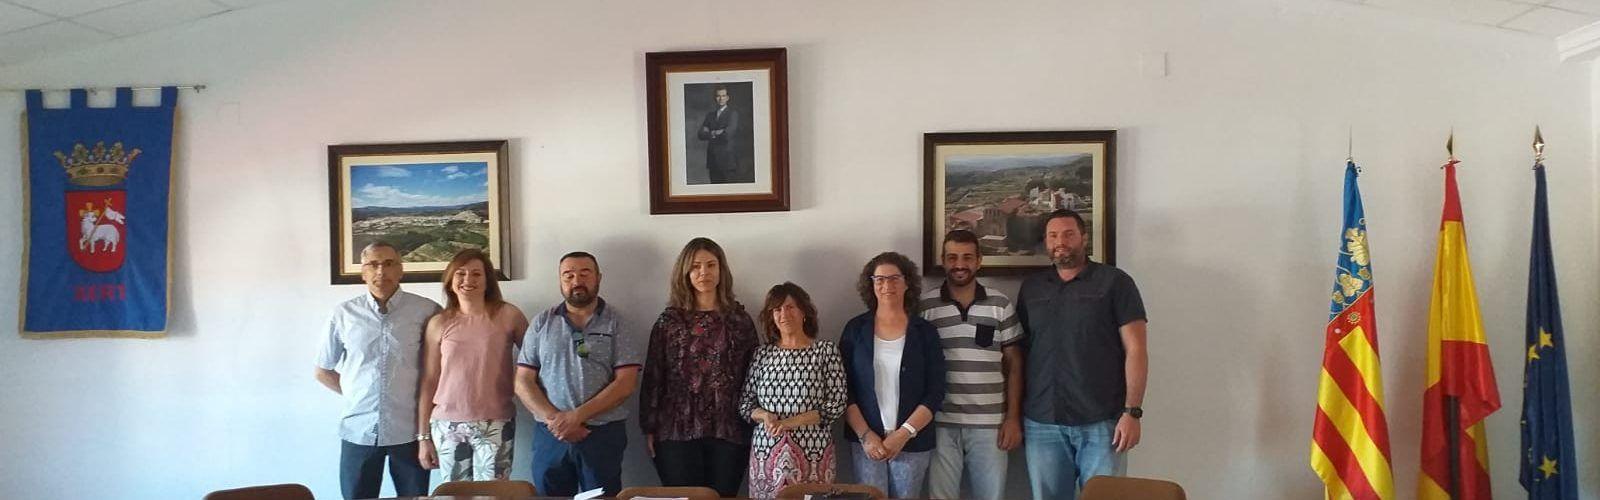 """Las mujeres de Xert """"culminan"""" su """"asalto al poder"""" con Susana Sanz como alcaldesa"""